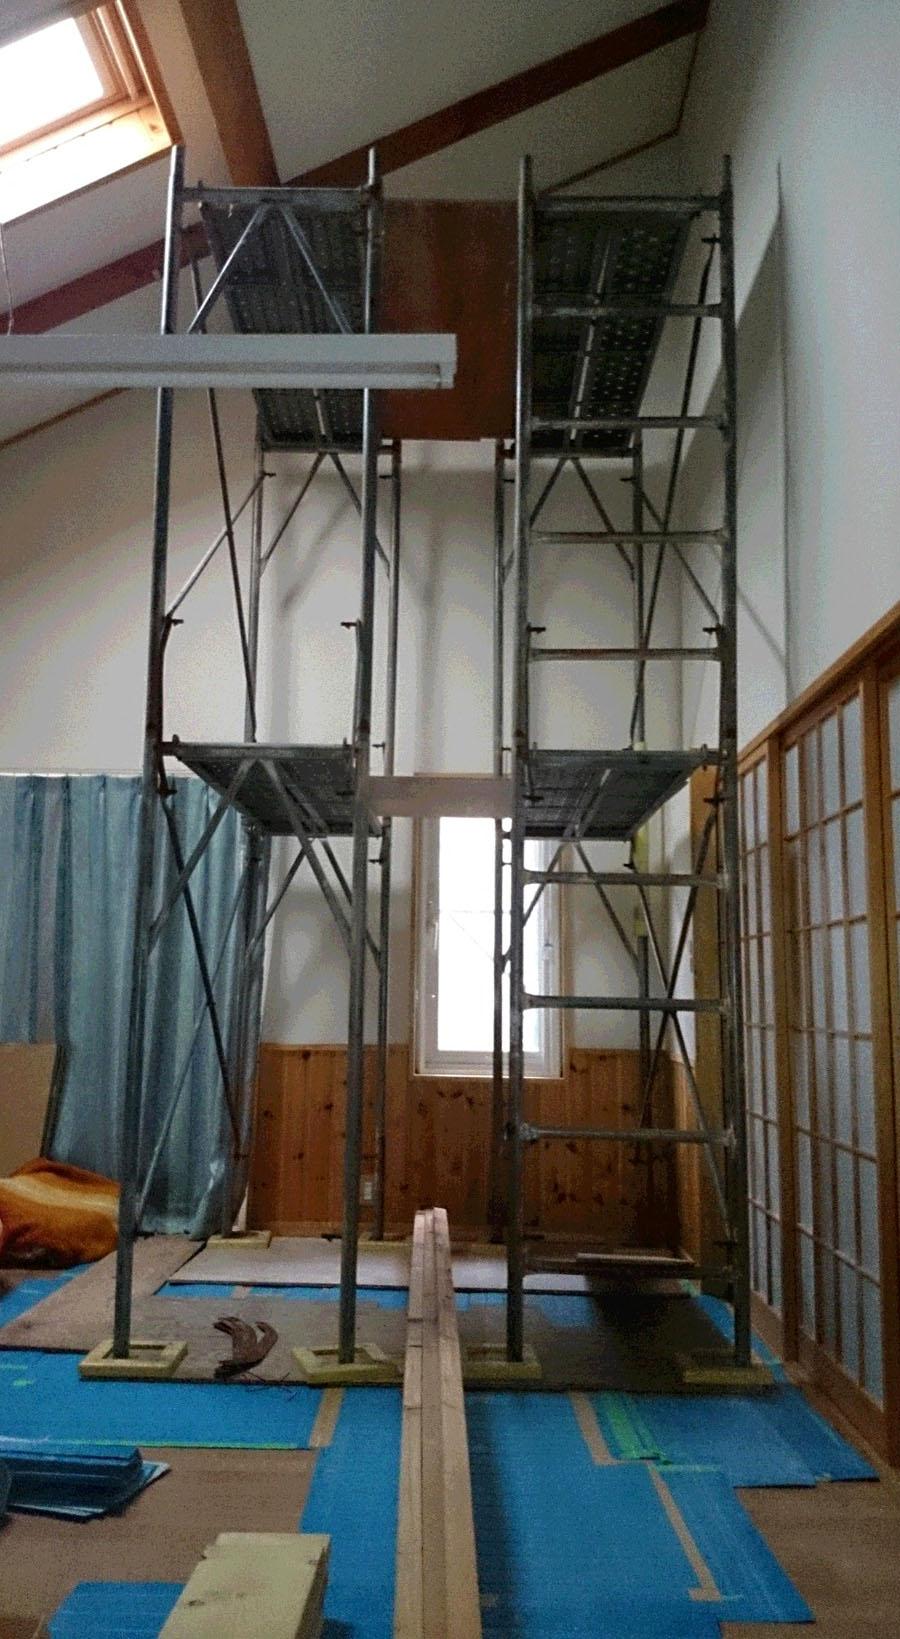 O様邸「新屋船場町の家」_f0150893_14159100.jpg